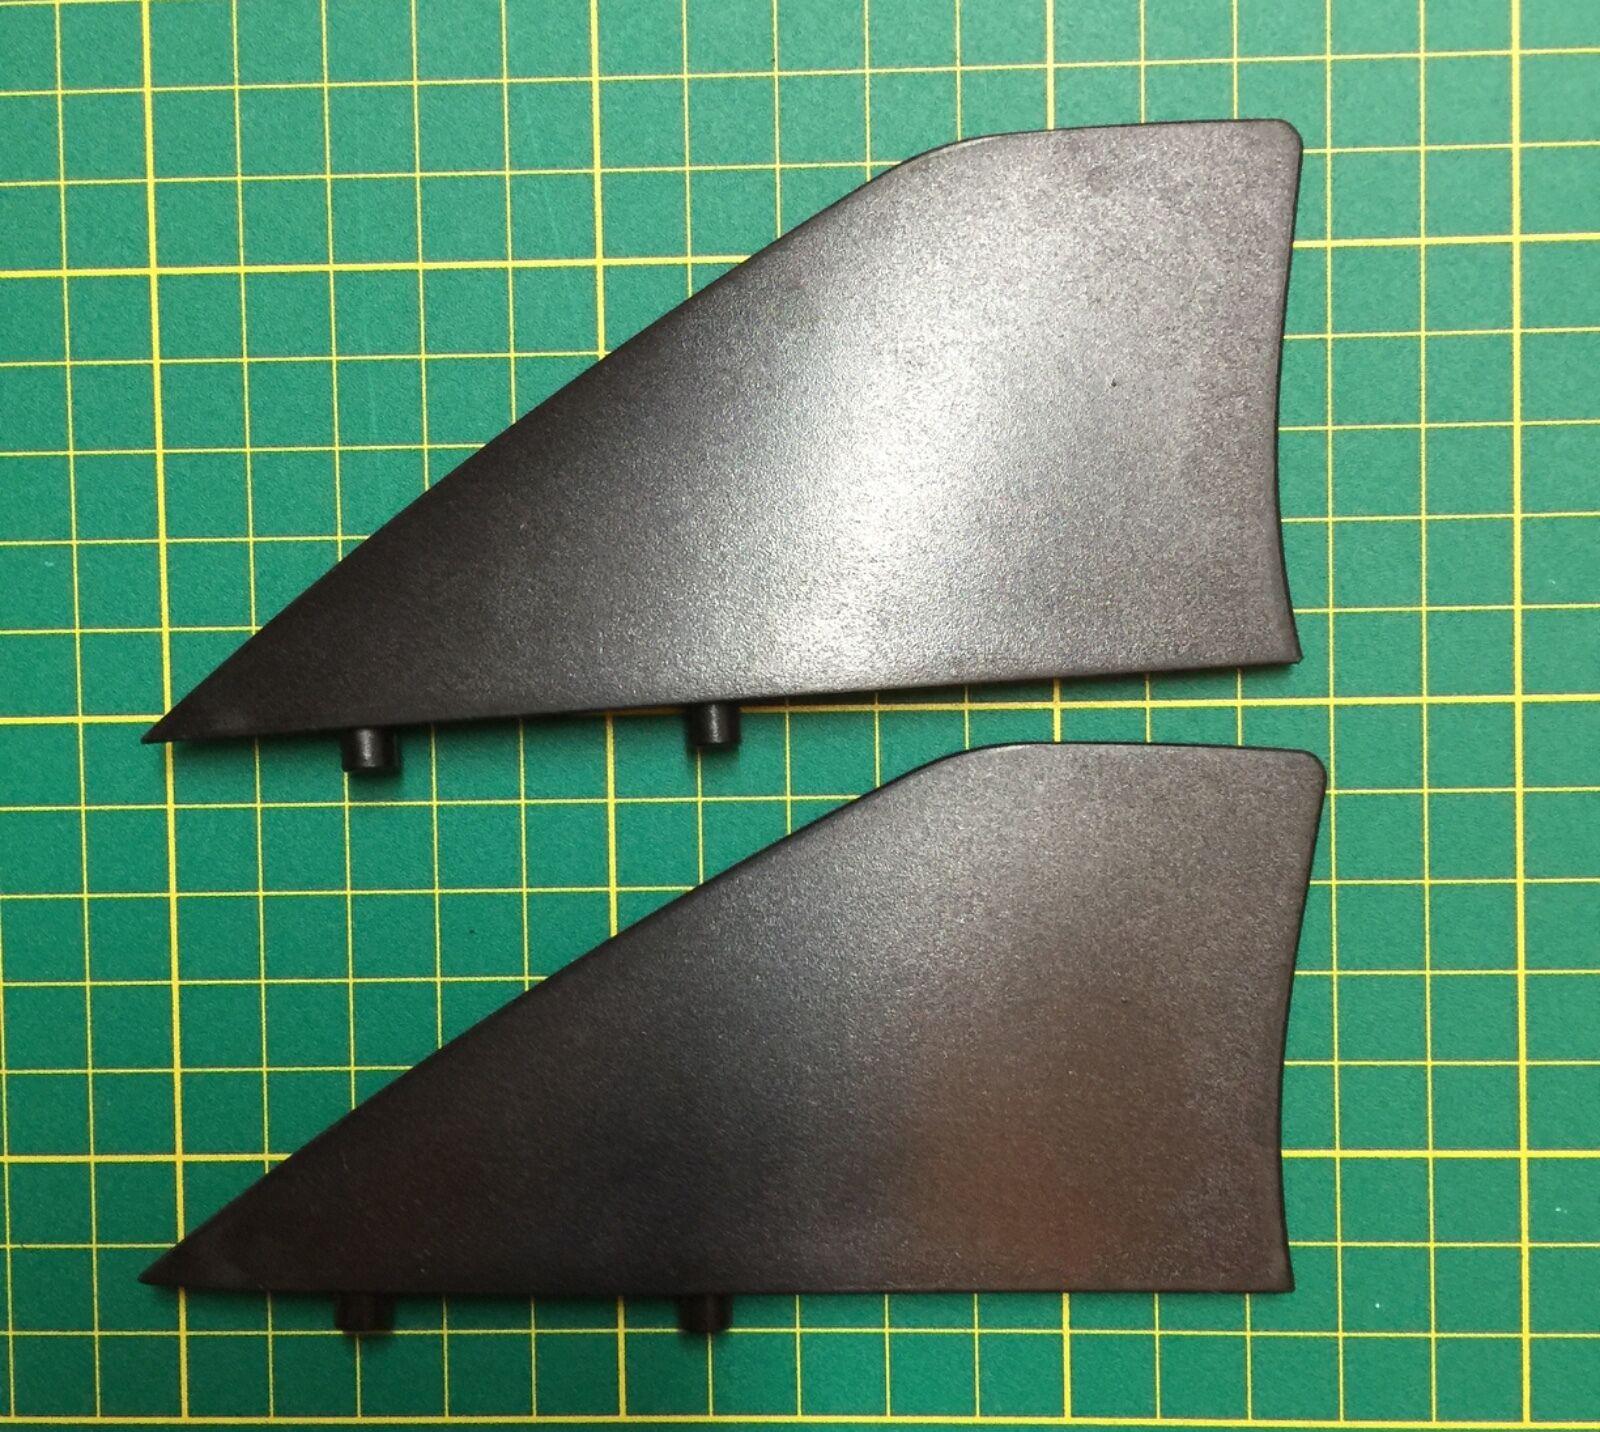 Inland Surfer ABS Delta 6.0 - 4 skim Fin Set (2 fins)